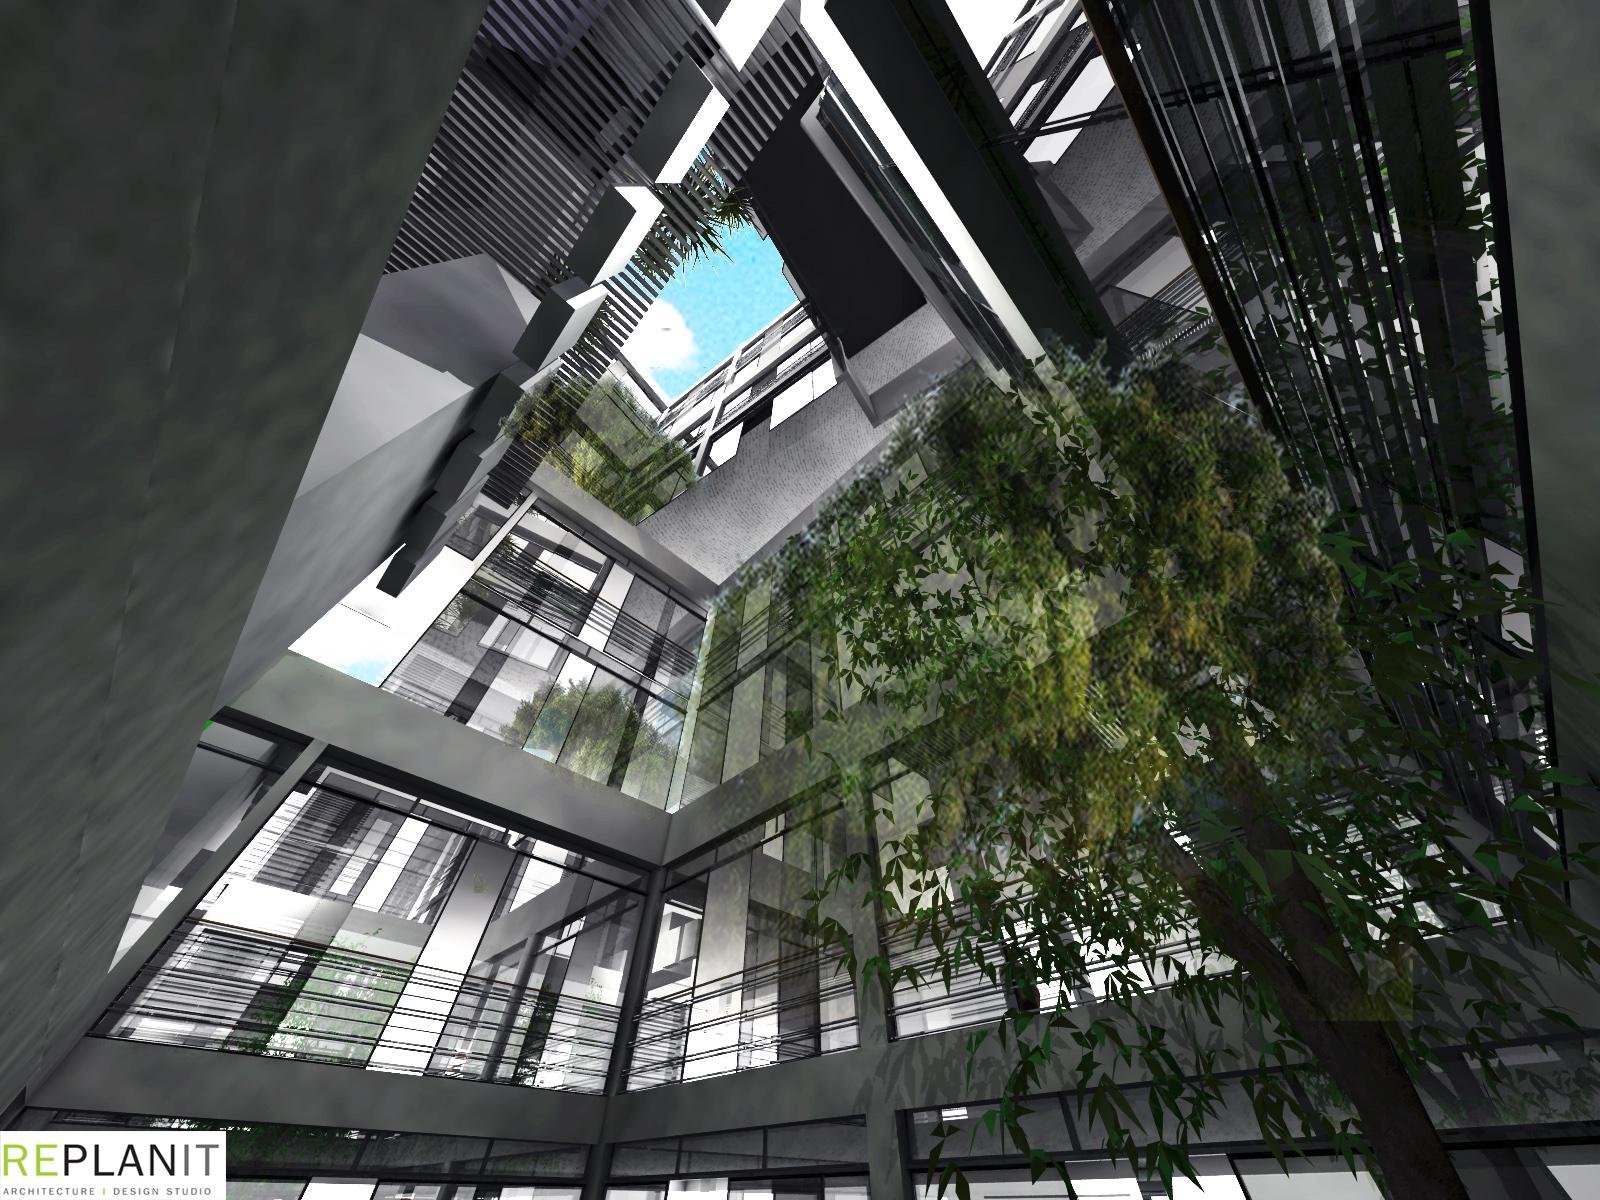 אדריכל מייקל כספי -  3 גלריה לאמנות תל אביב